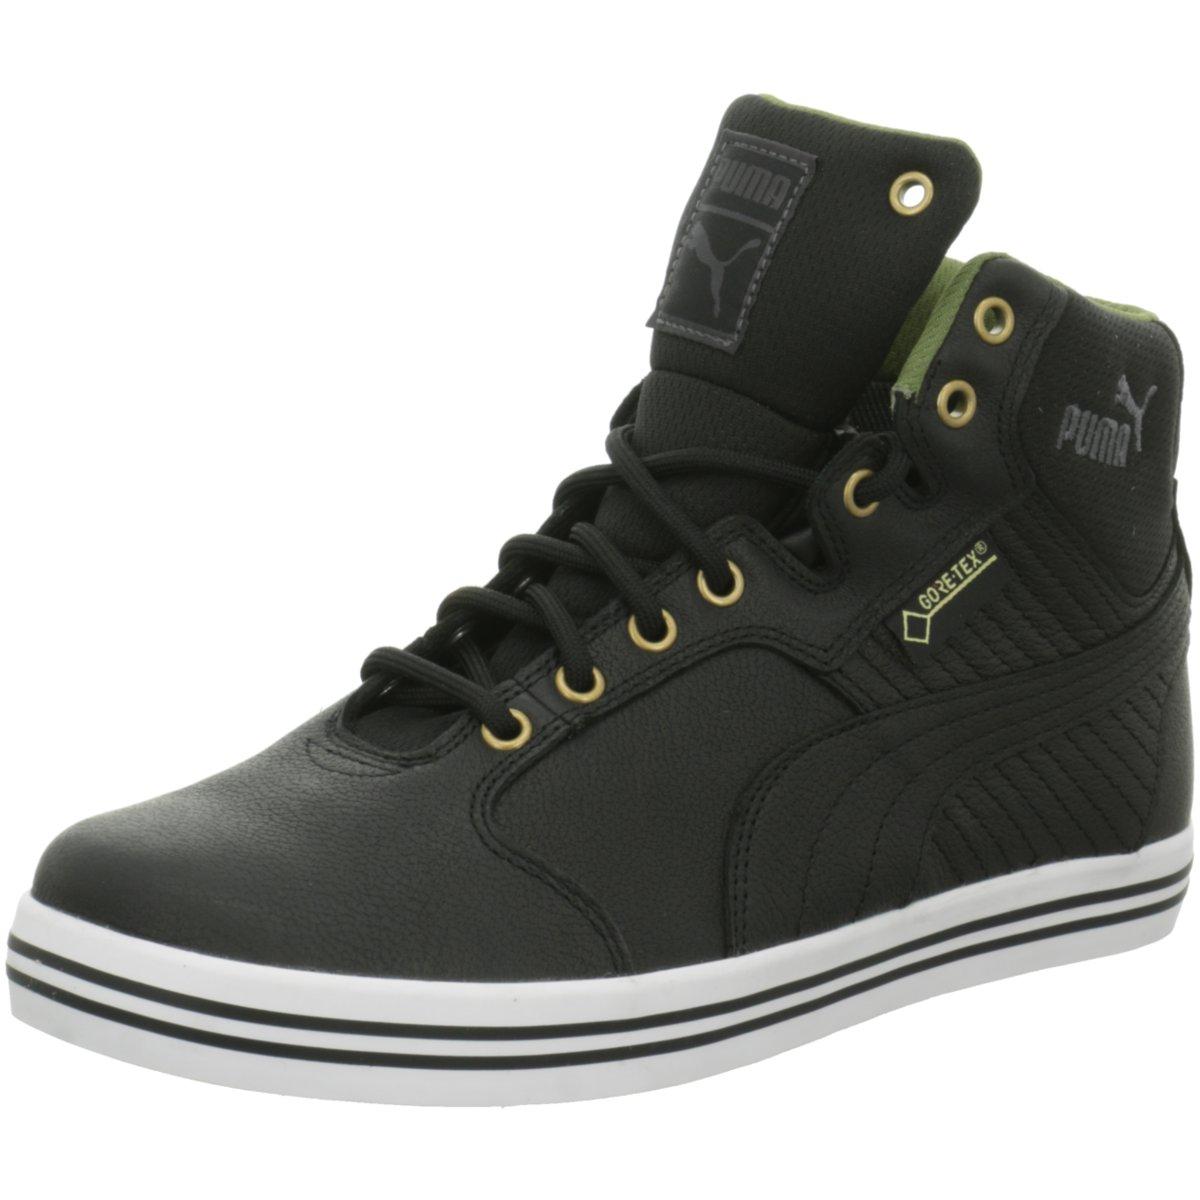 NEU Puma Herren Sneaker Tataou GTX 352623/004 schwarz 331678